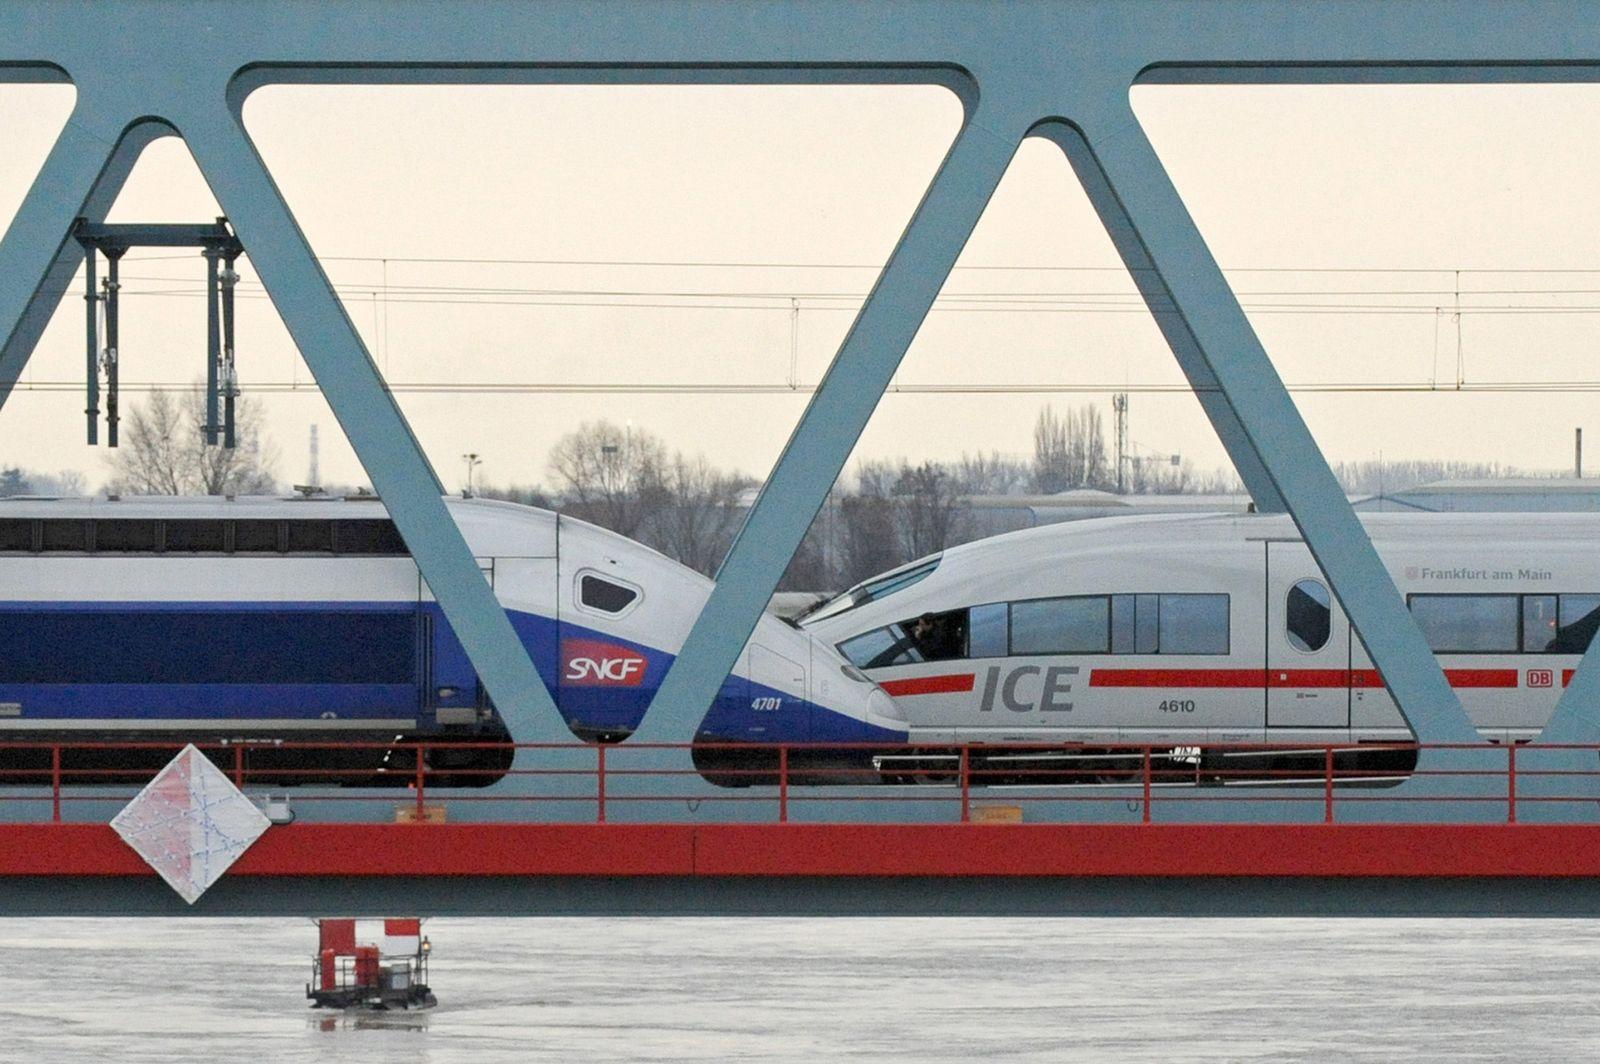 Bahn / Brücke / ICE / TGV